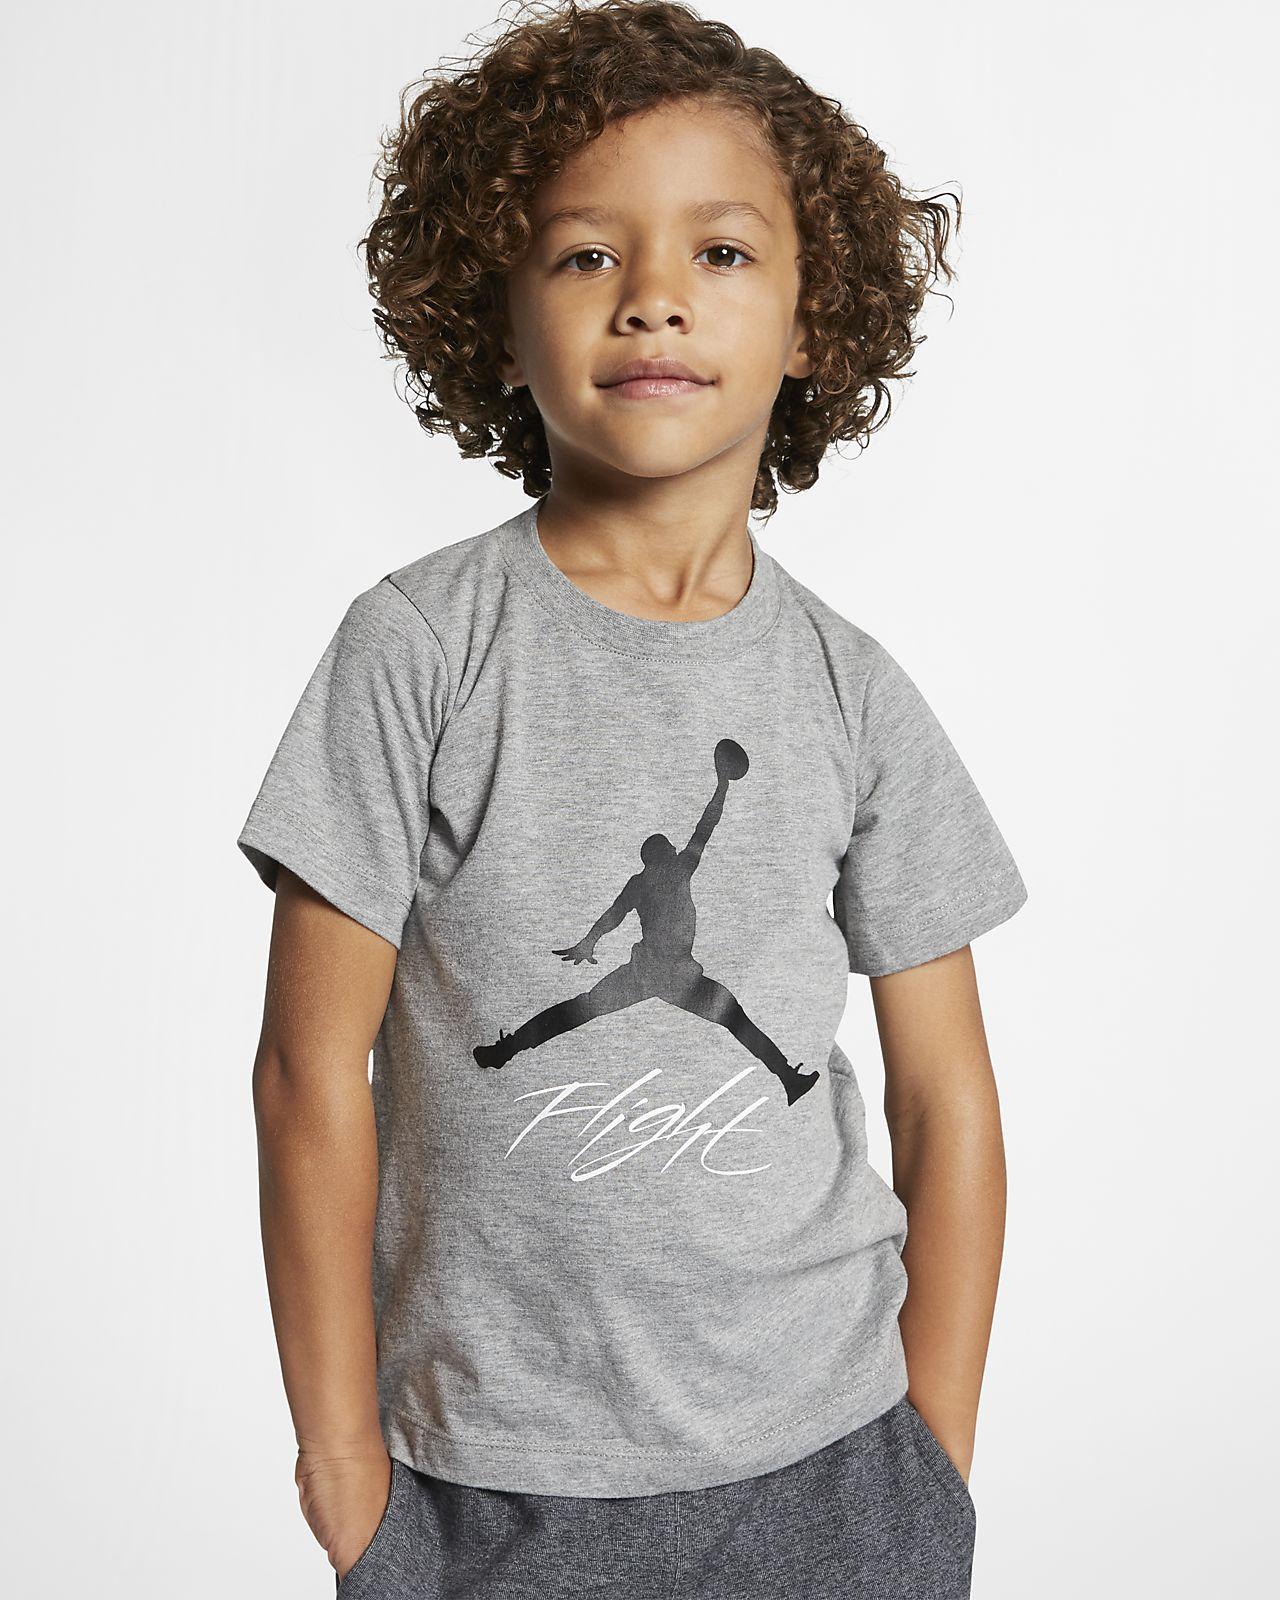 Tričko Jordan Jumpman Flight pro malé děti